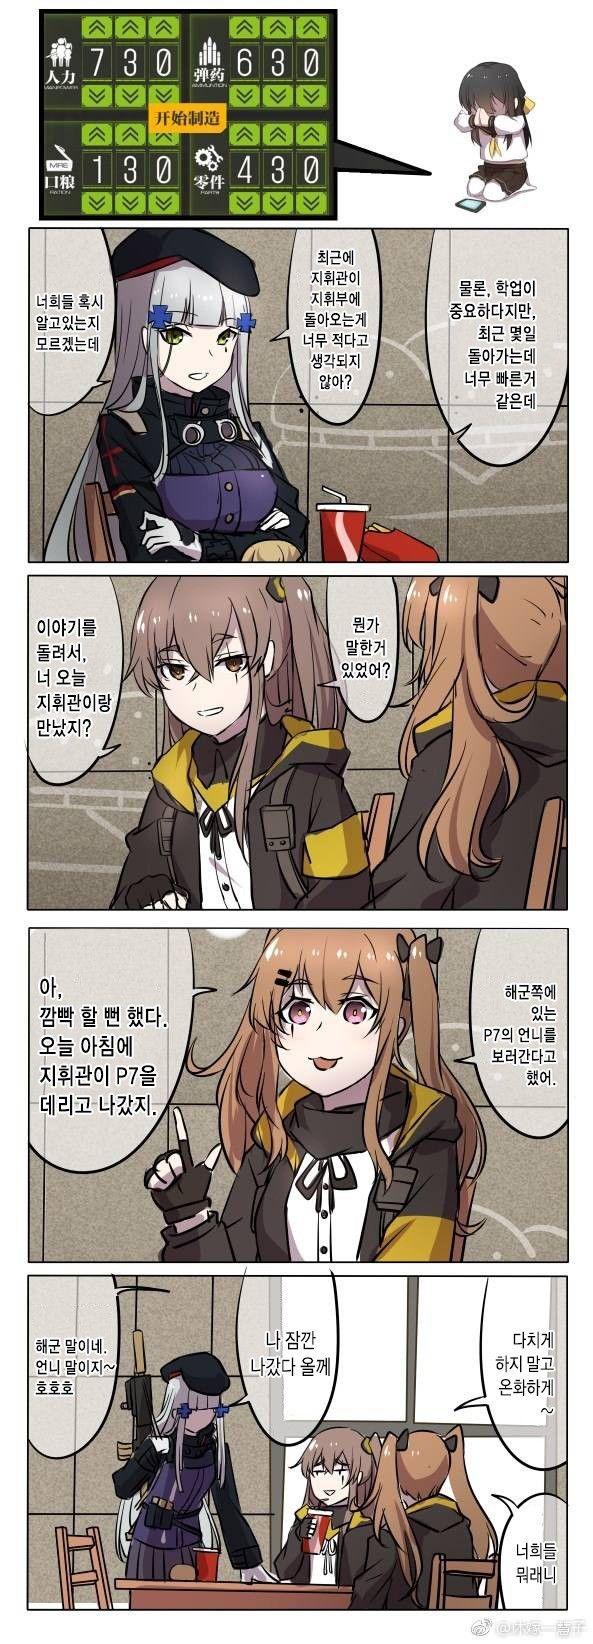 소녀전선 만화 - 휴가 센세(休嫁一慧子) : 404소대 만화.manhwa 2번째 만화는 '휴가 센세(休嫁一慧子)'가...